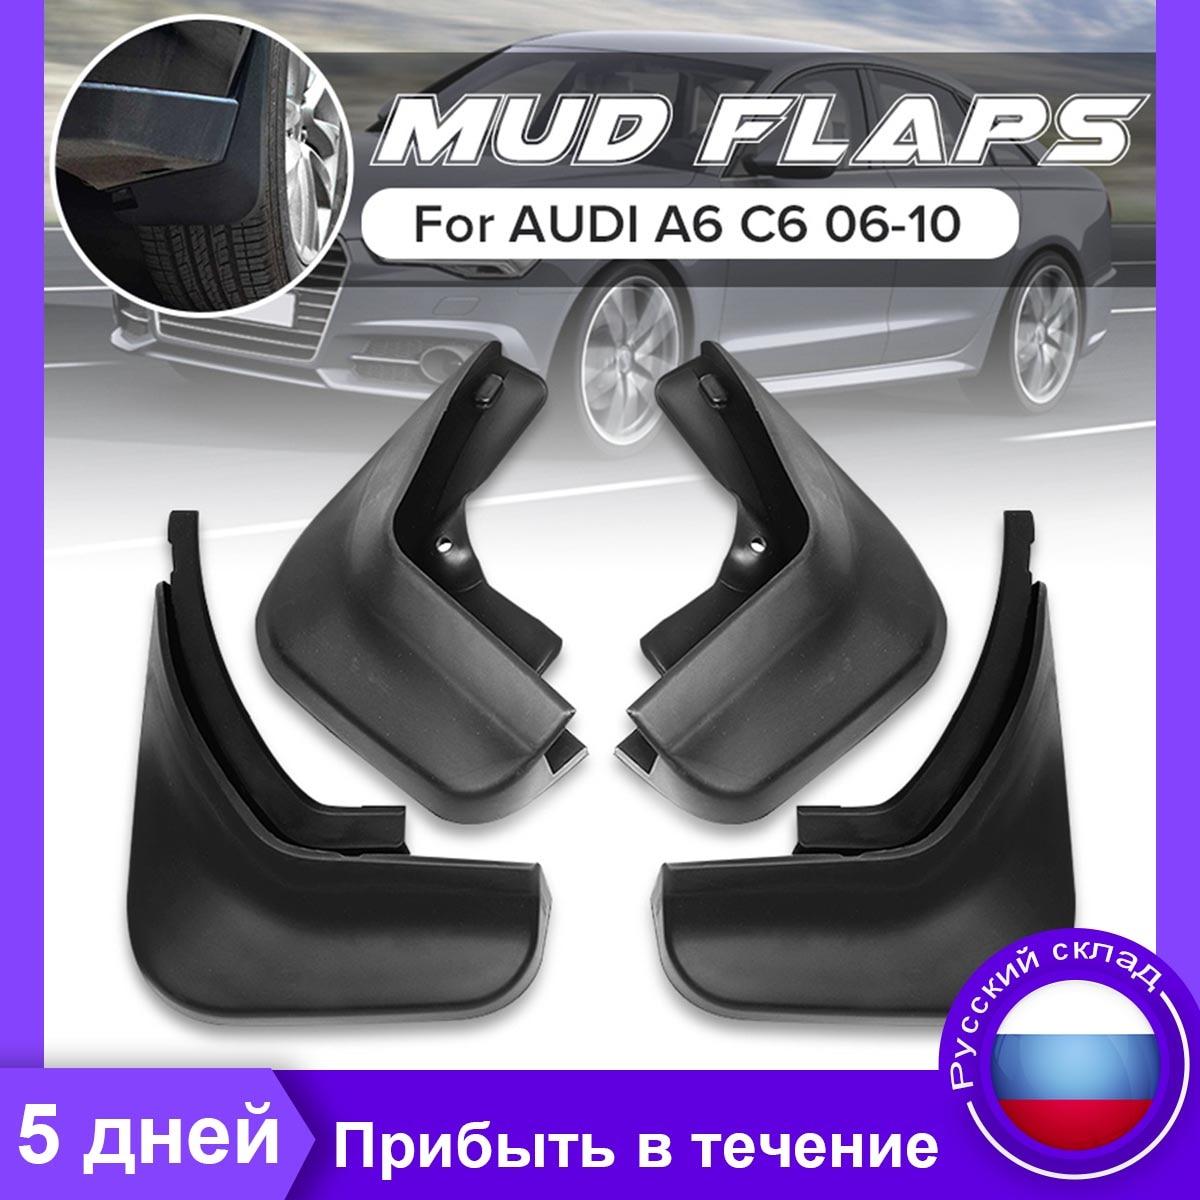 Araba ön arka çamurluklar çamurluk genişletici Splash muhafızları çamur Flaps AUDI A6 C6 2006 2007 2008 2009 2010